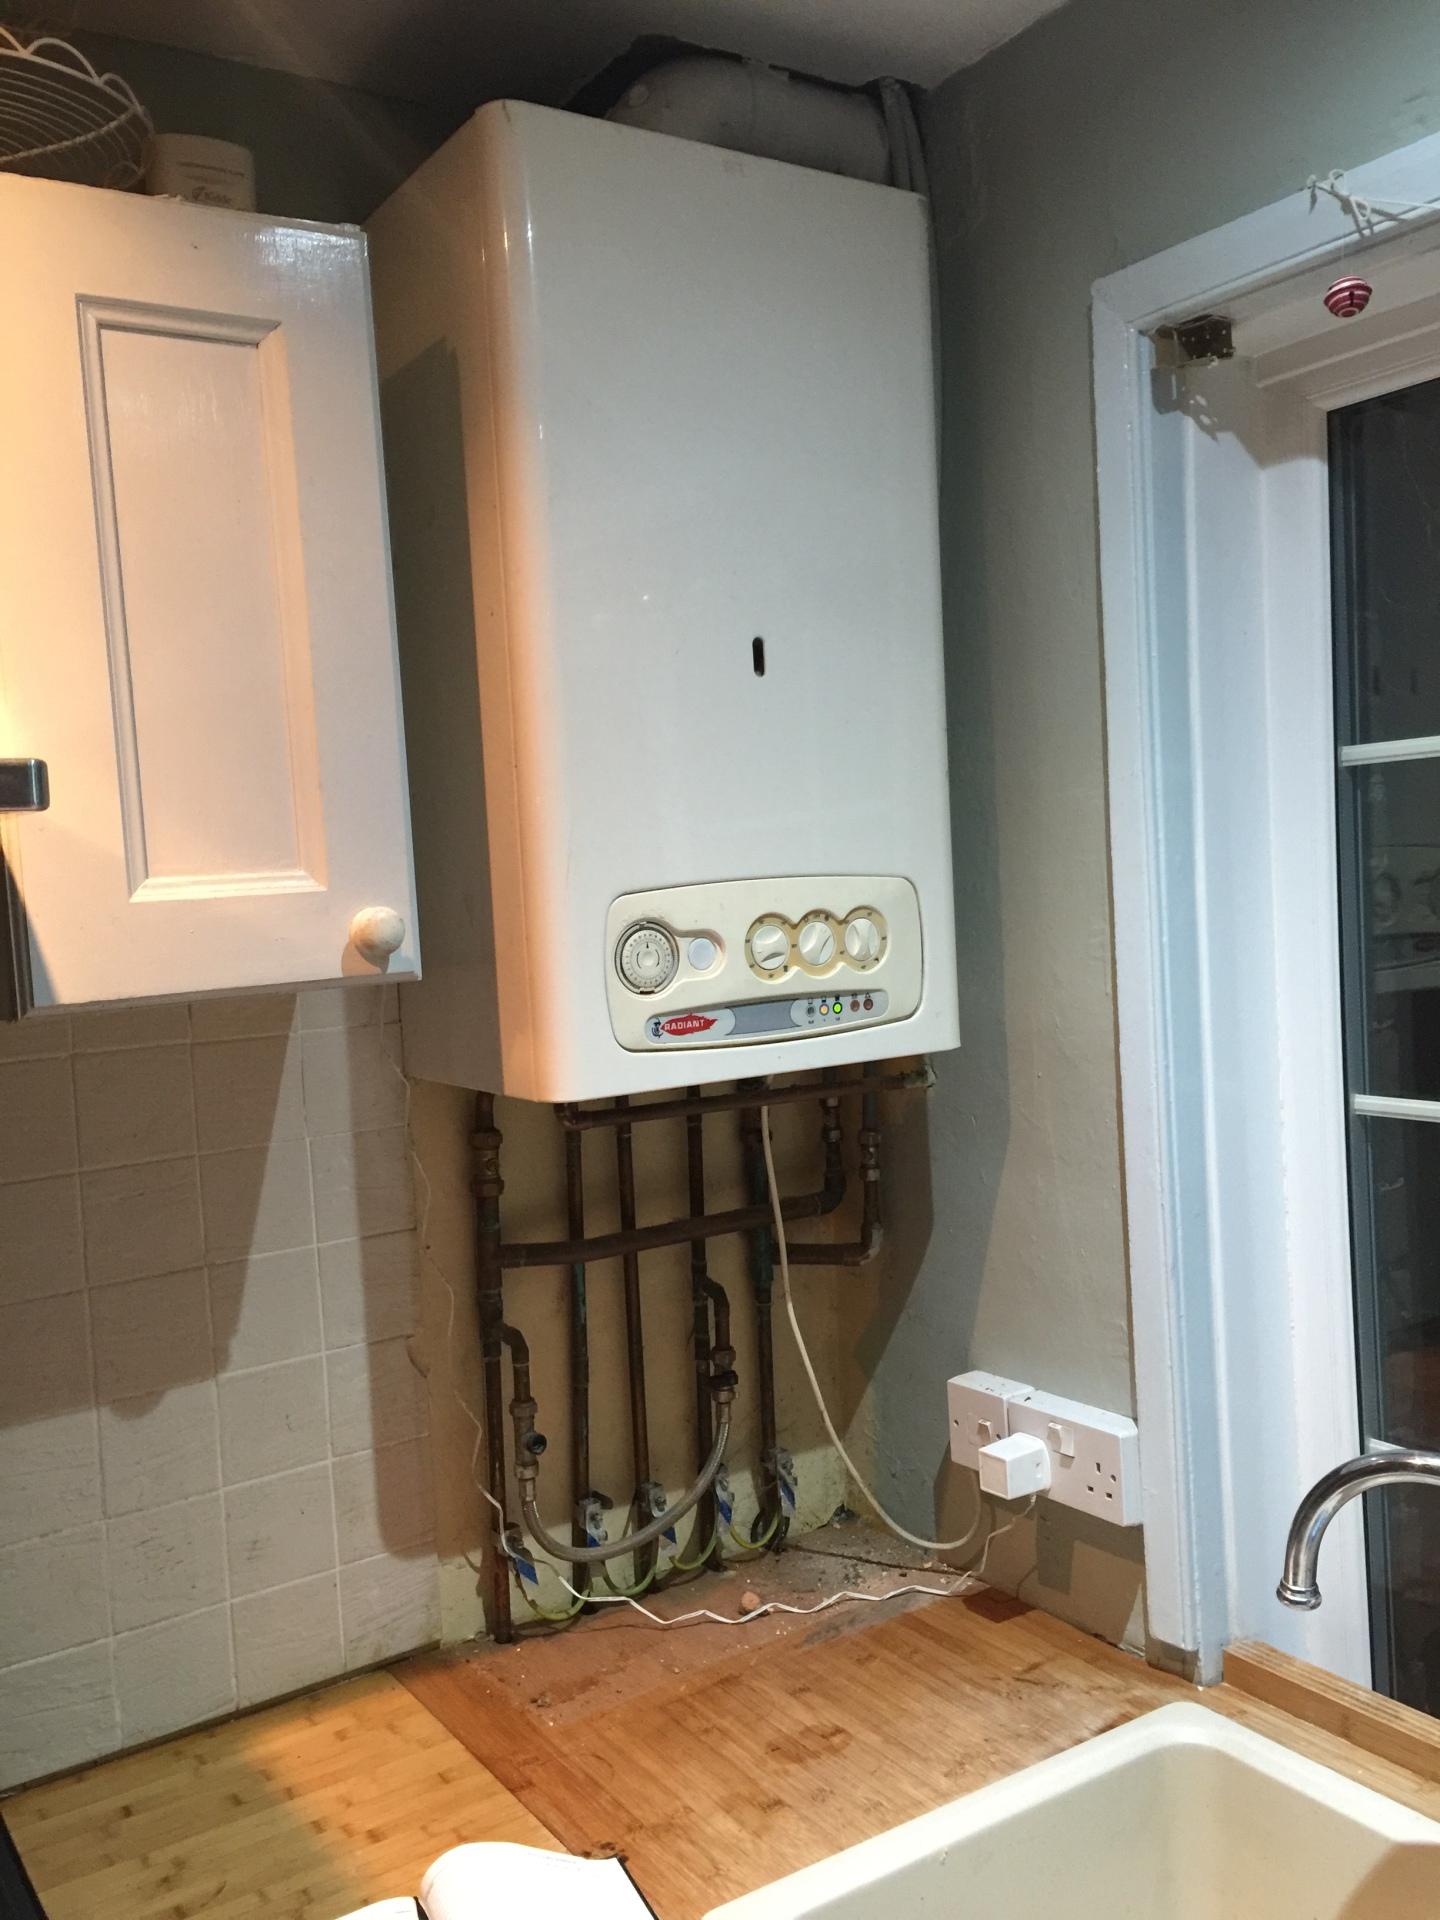 Boiler Change